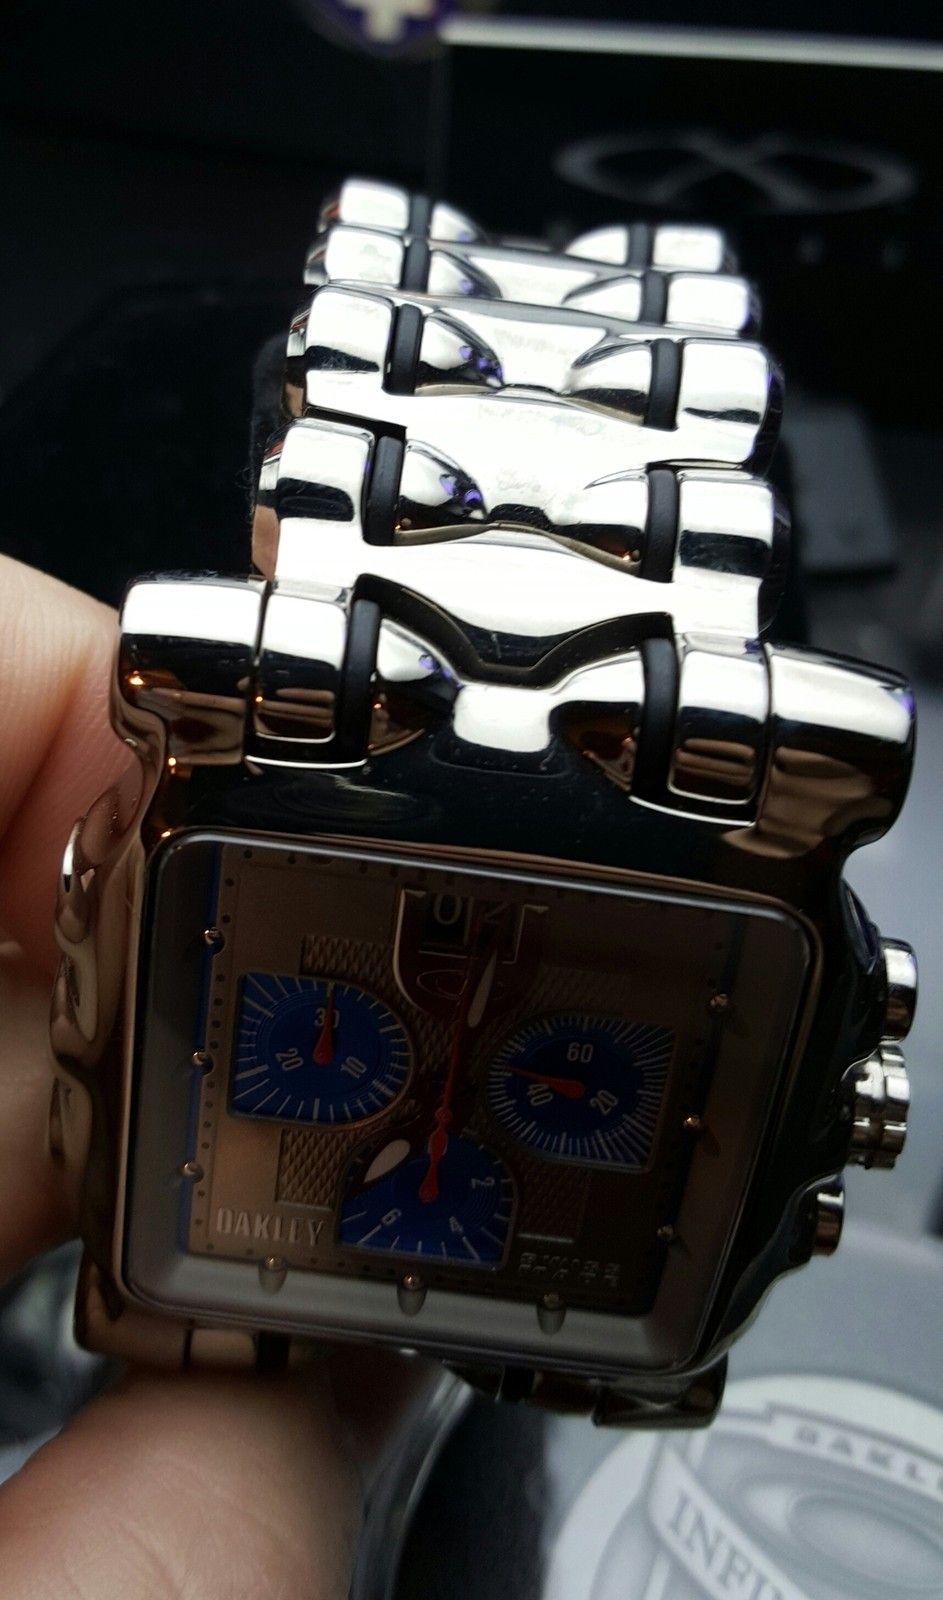 Polished/Blue Face Minute Machine LNIB - uploadfromtaptalk1433295591174.jpg